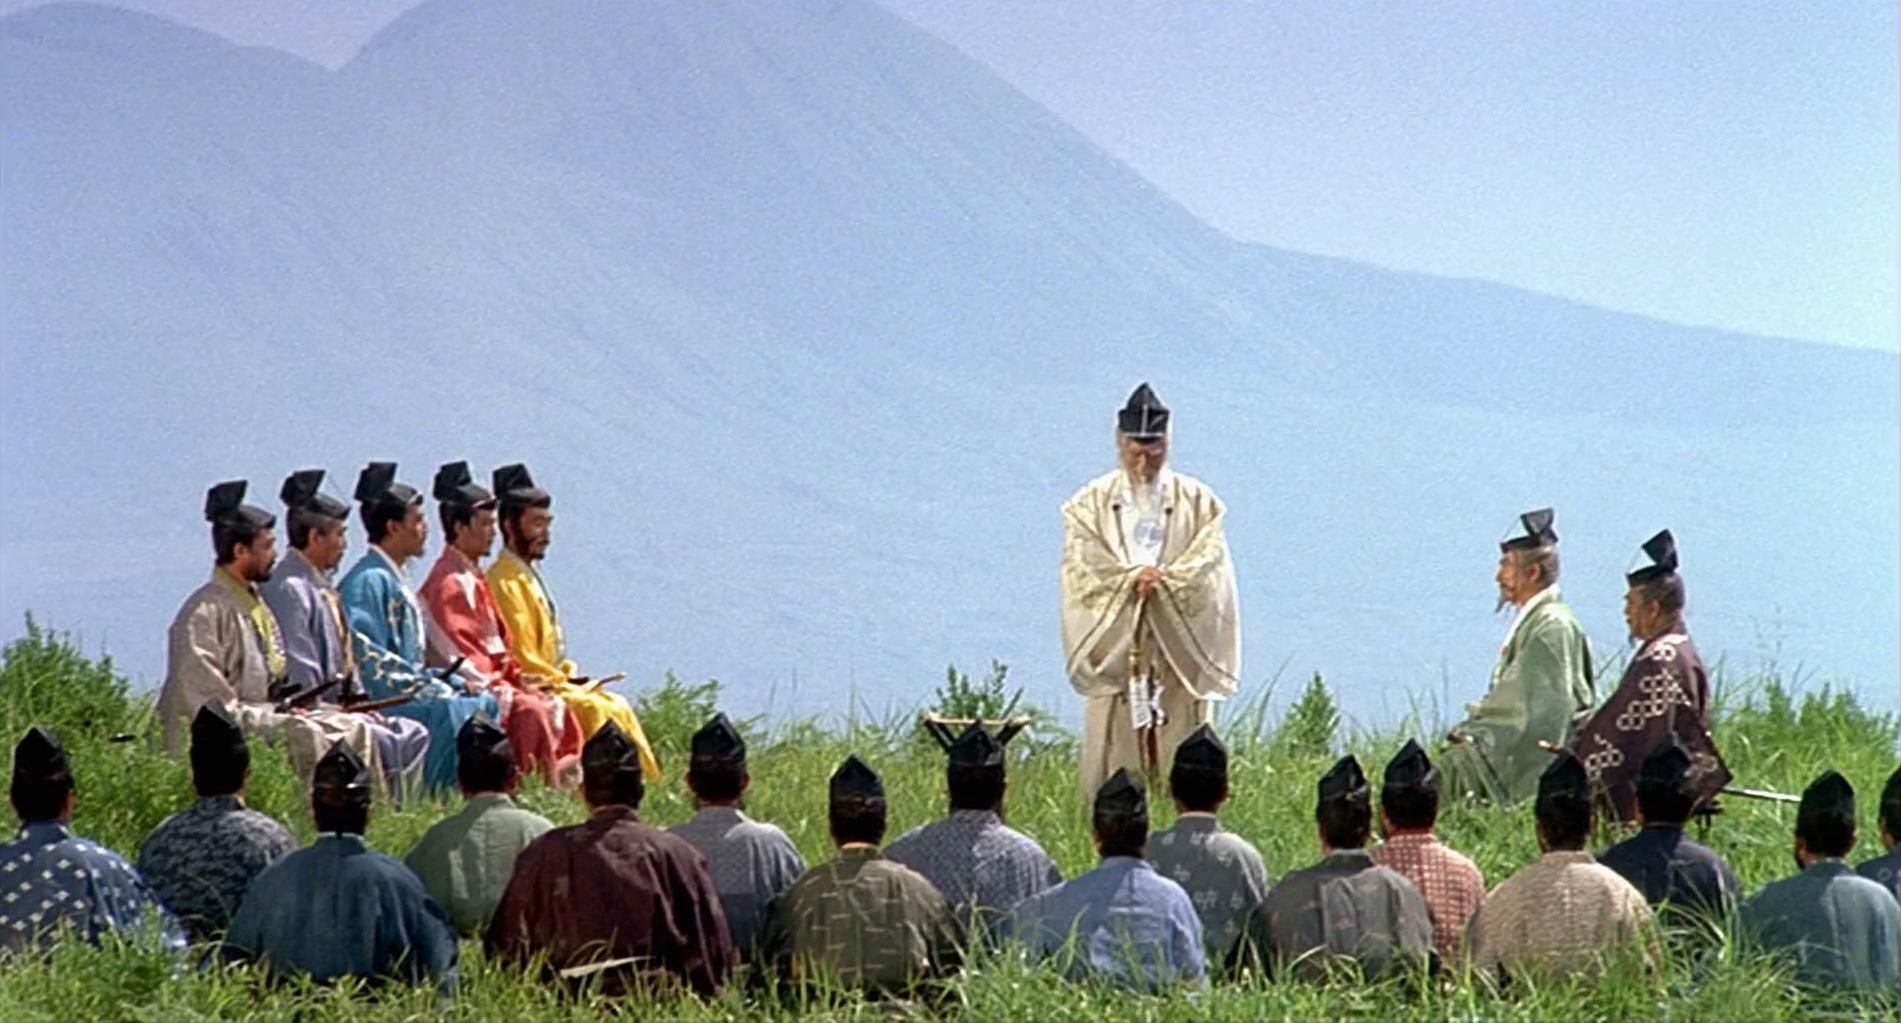 Kazuo Katô, Tatsuya Nakadai, Jinpachi Nezu, Daisuke Ryû, Jun Tazaki, Akira Terao, Hitoshi Ueki, and Masayuki Yui in Ran (1985)